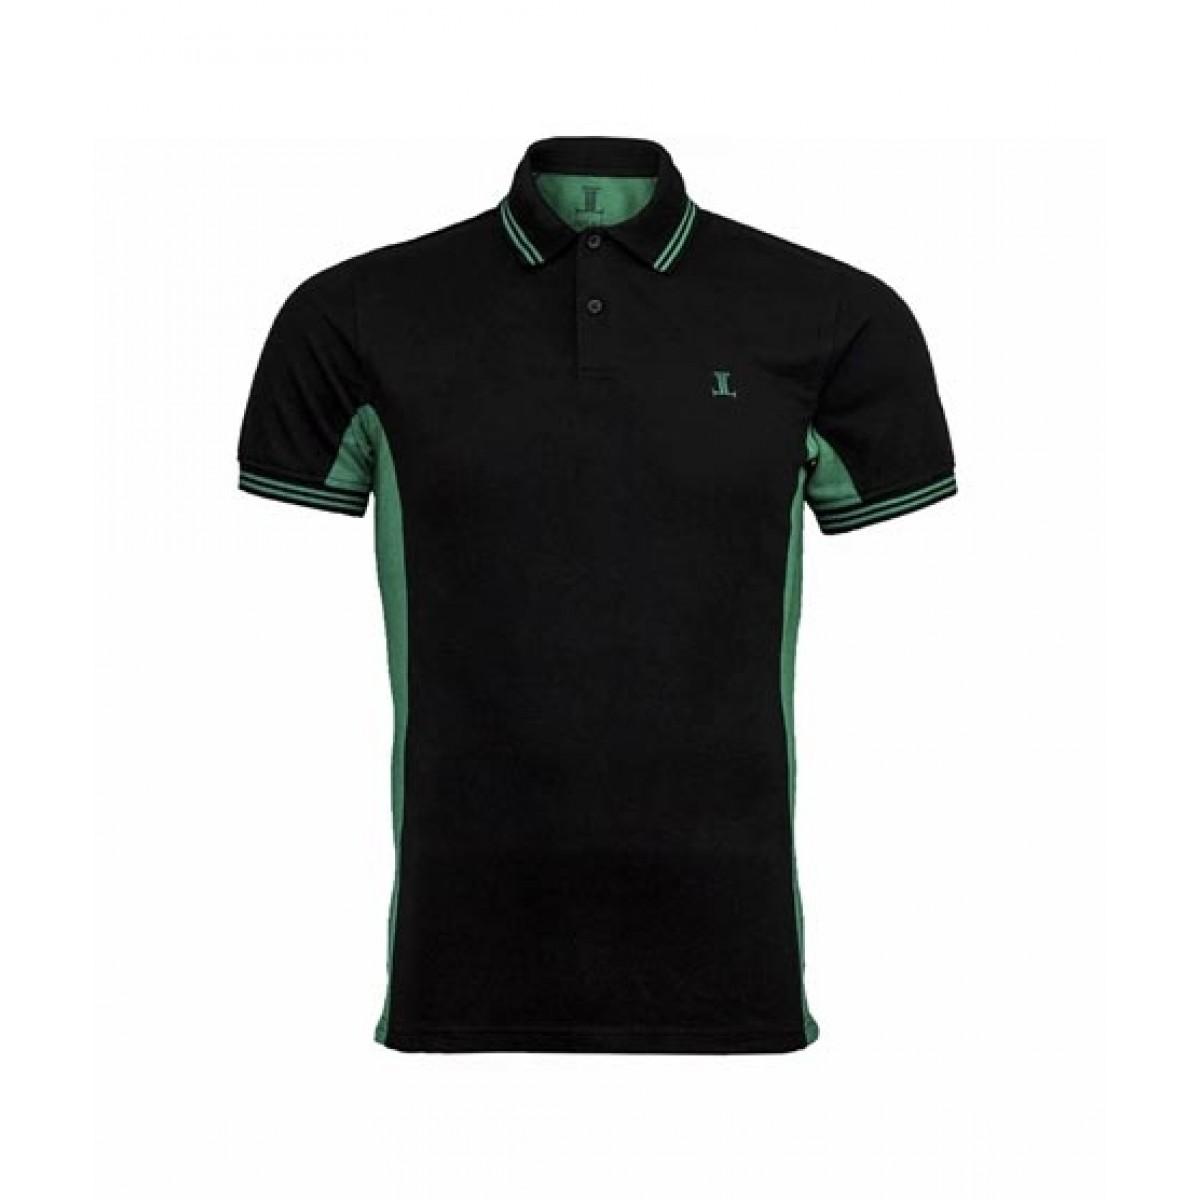 Julke Scott Polo Shirt For Men Green/Black